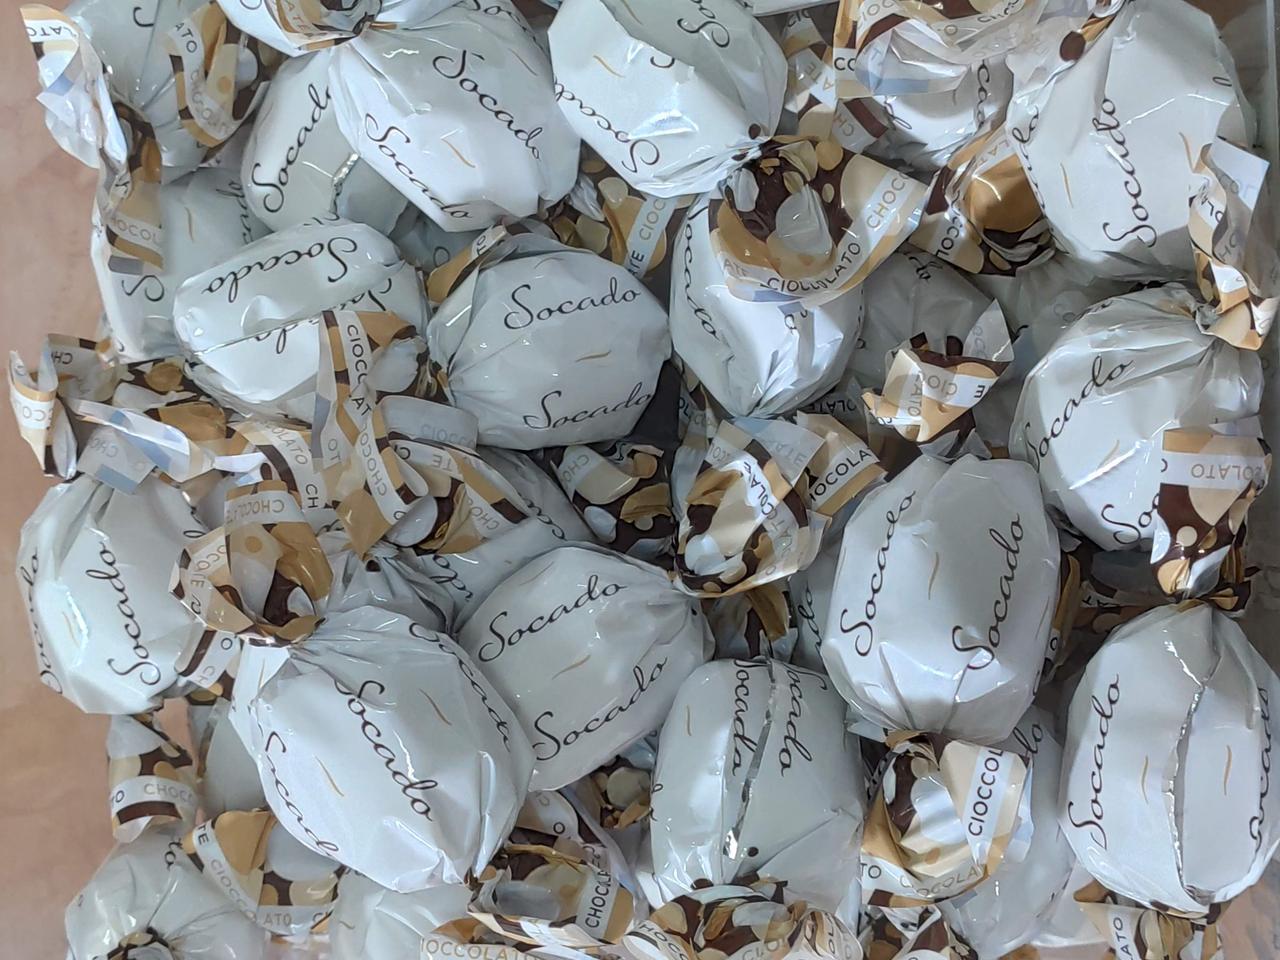 Шоколадные конфеты Socado (Белые)  1кг